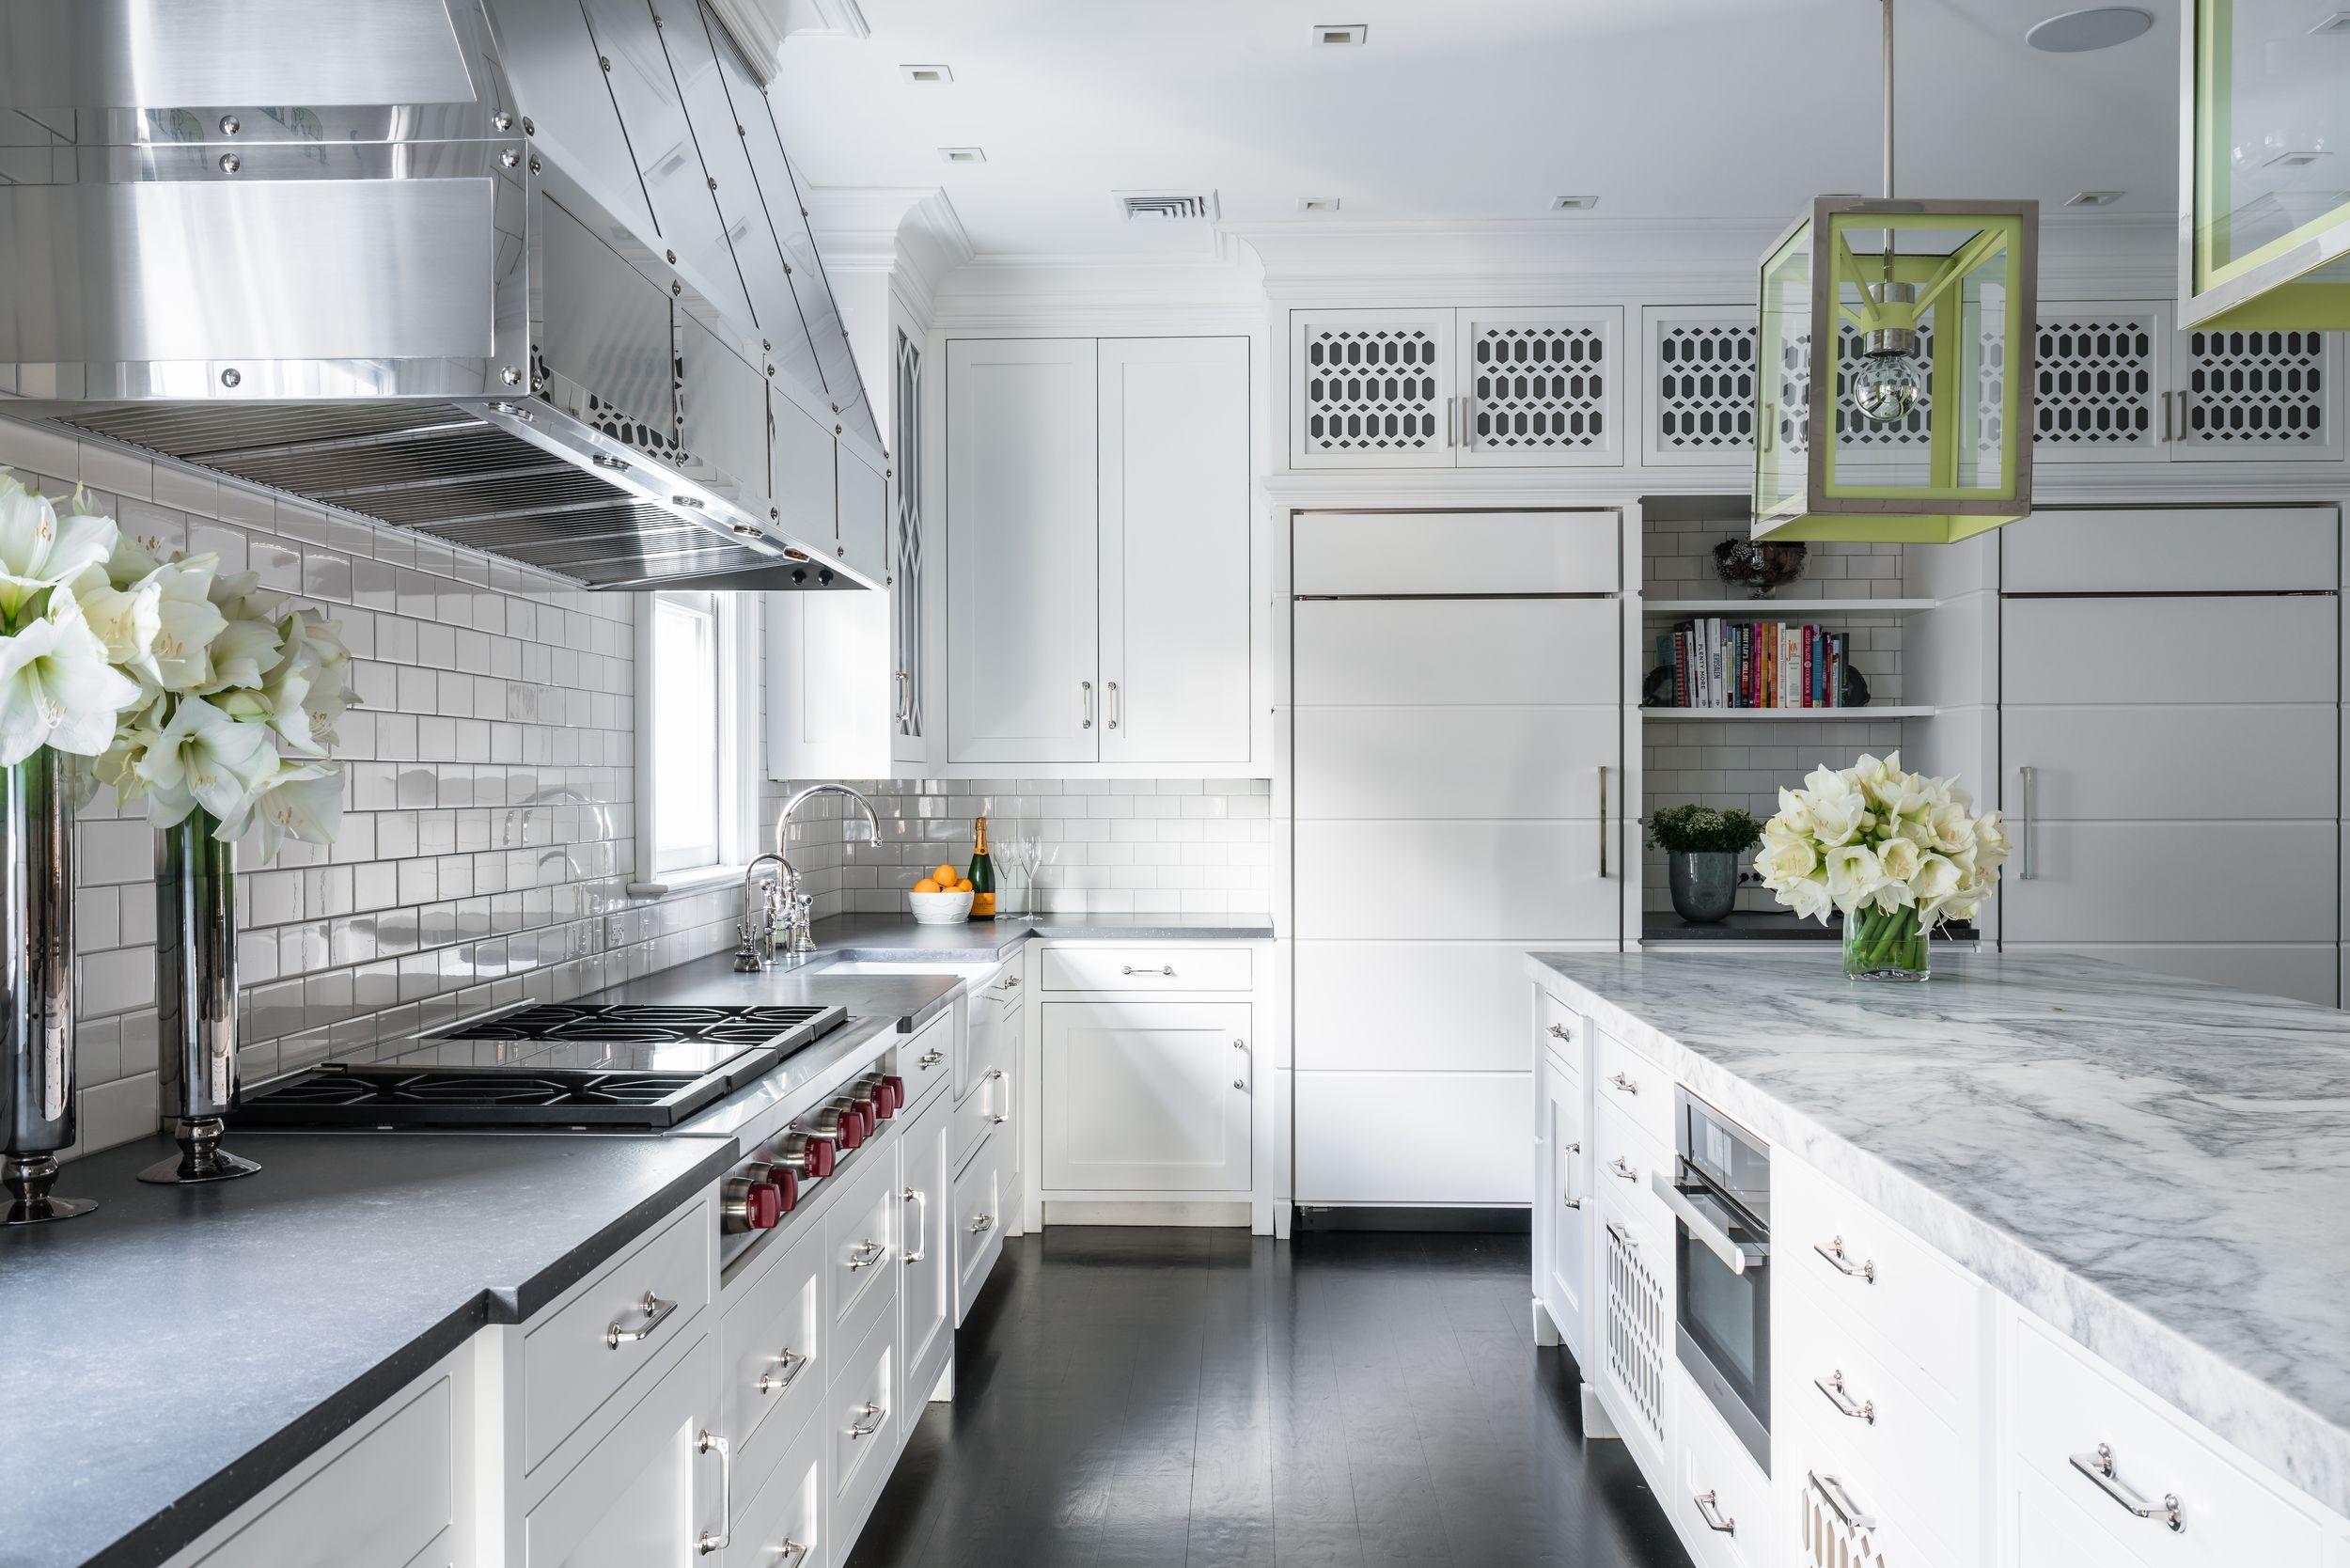 Countertops Mismatched Interior Design Kitchen White Kitchen Backsplash Kitchen Inspiration Design